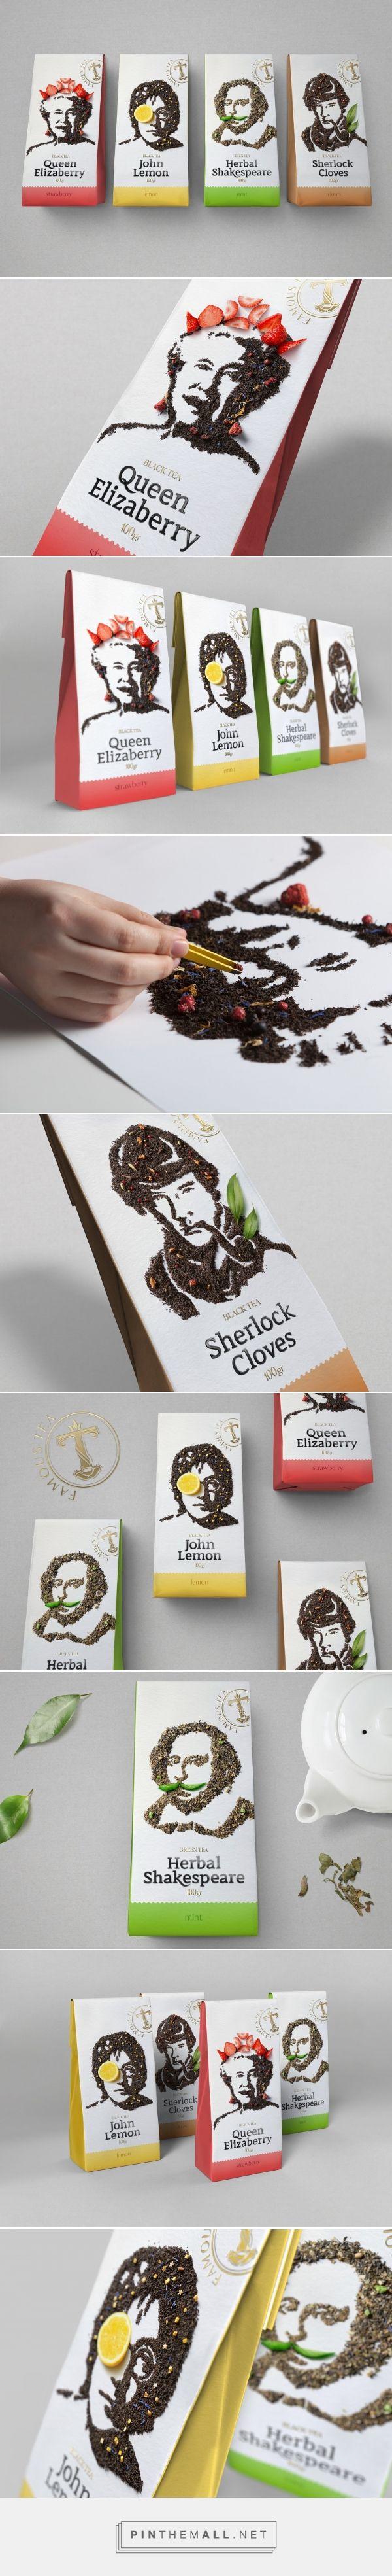 Celebri-Tea packaging design by Gordost - http://www.packagingoftheworld.com/2017/07/celebri-tea.html